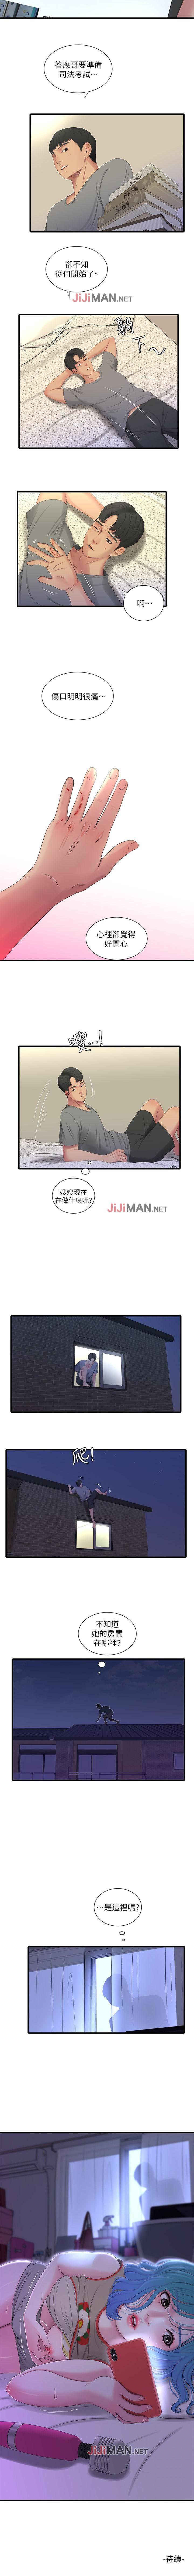 【周四连载】亲家四姐妹(作者:愛摸) 第1~31话 82